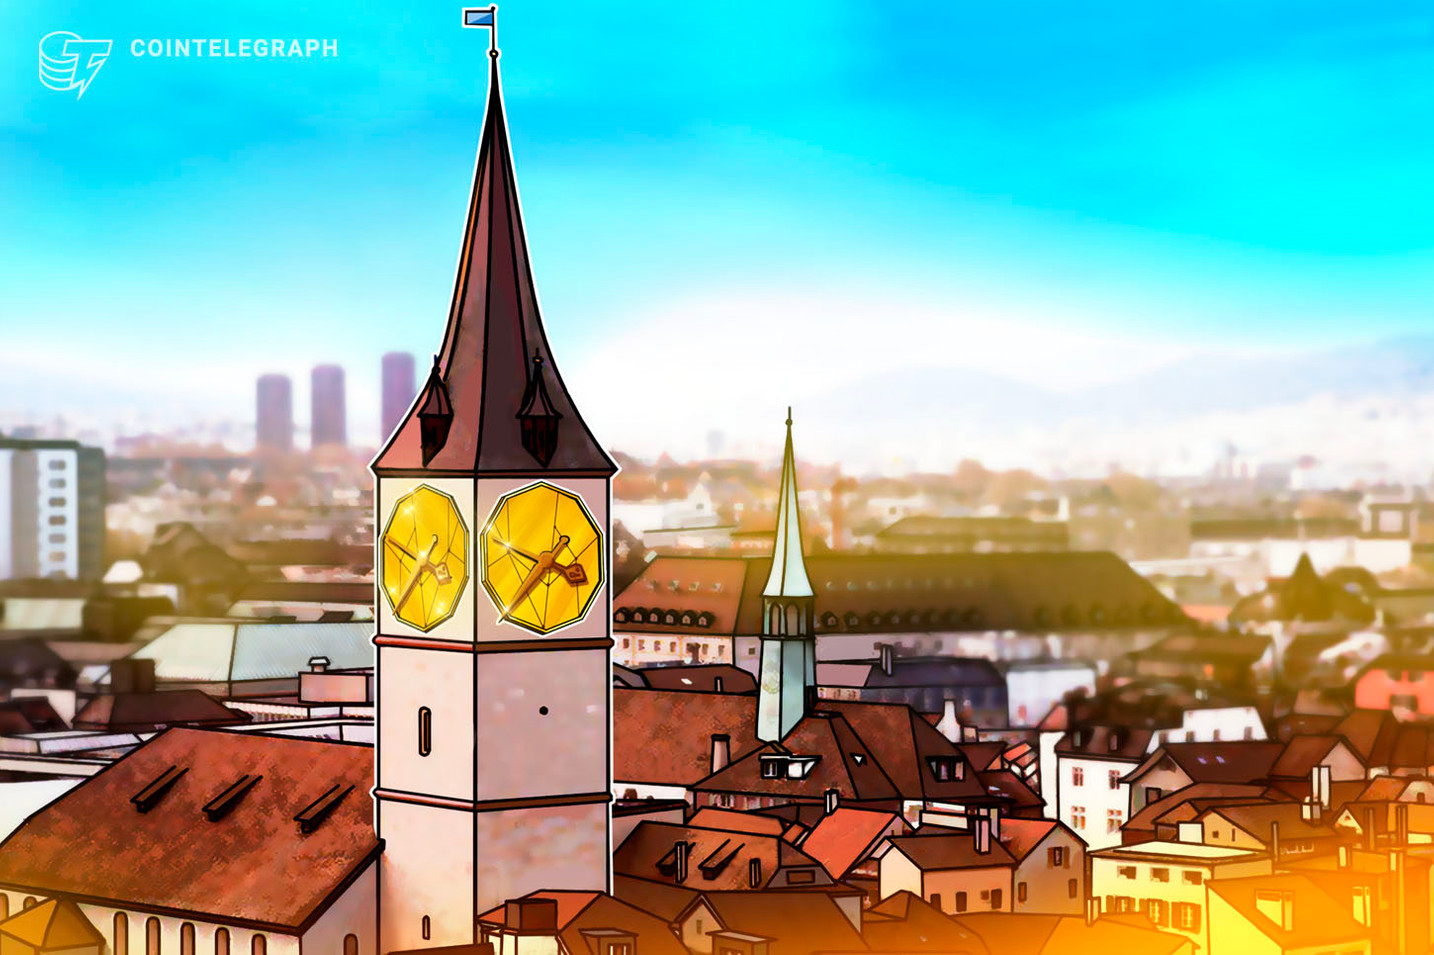 미국 규제당국, 스위스 방문에도 불구하고 암호화폐에 대한 우려 여전해